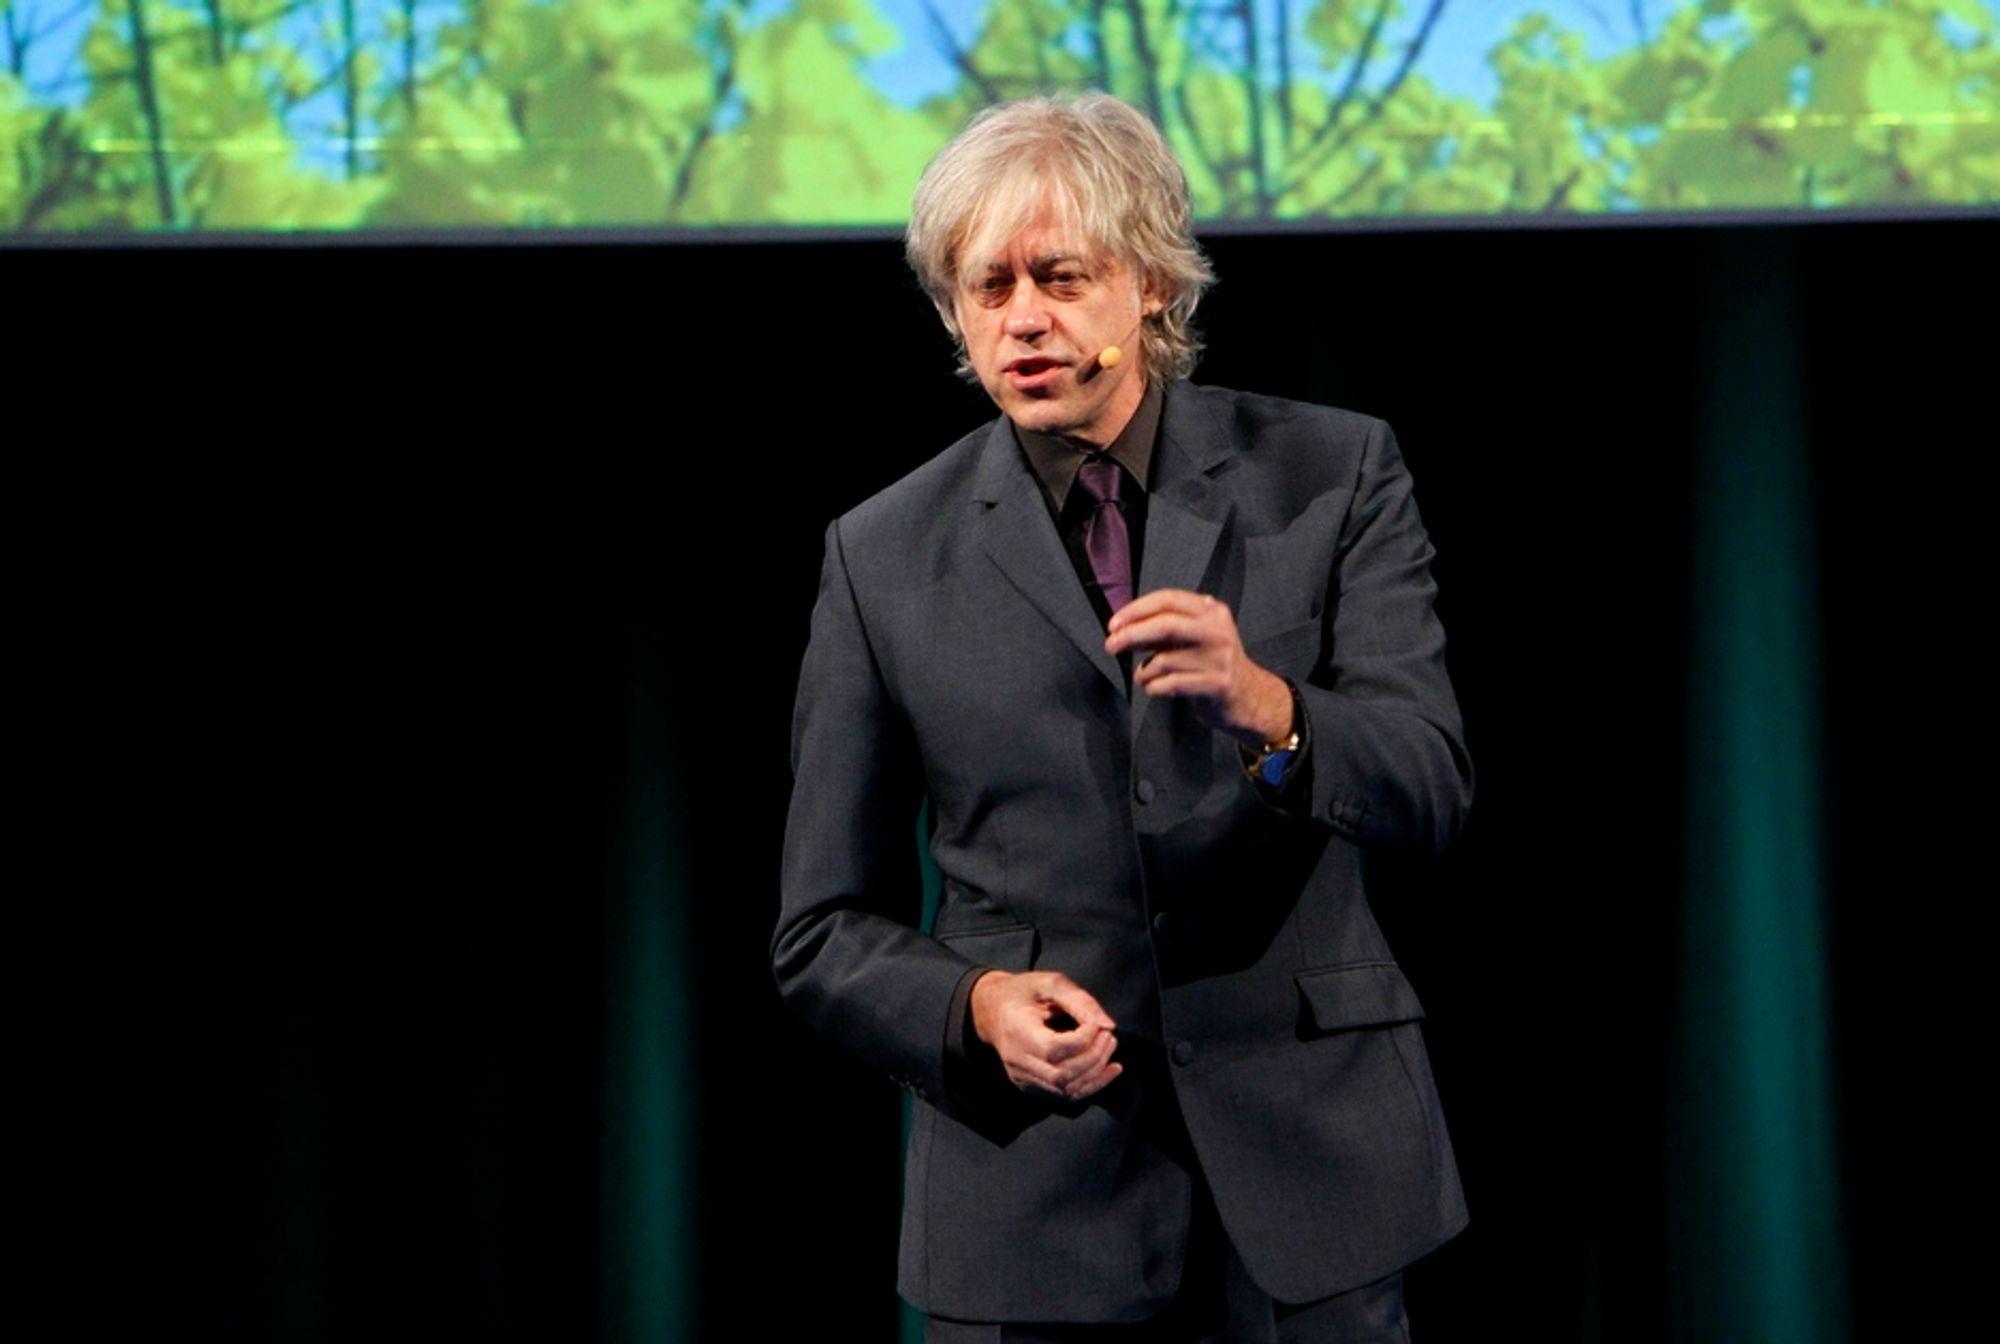 Artist og miljøaktivist Bob Geldof på ZERO-konferansen på Gardermoen mandag ettermiddag. Han beskriver Norge som et nøytralt land som provoserer få andre nasjoner, og derfor burde evne å vise lederskap i de internasjonale klimaforhandlingene.